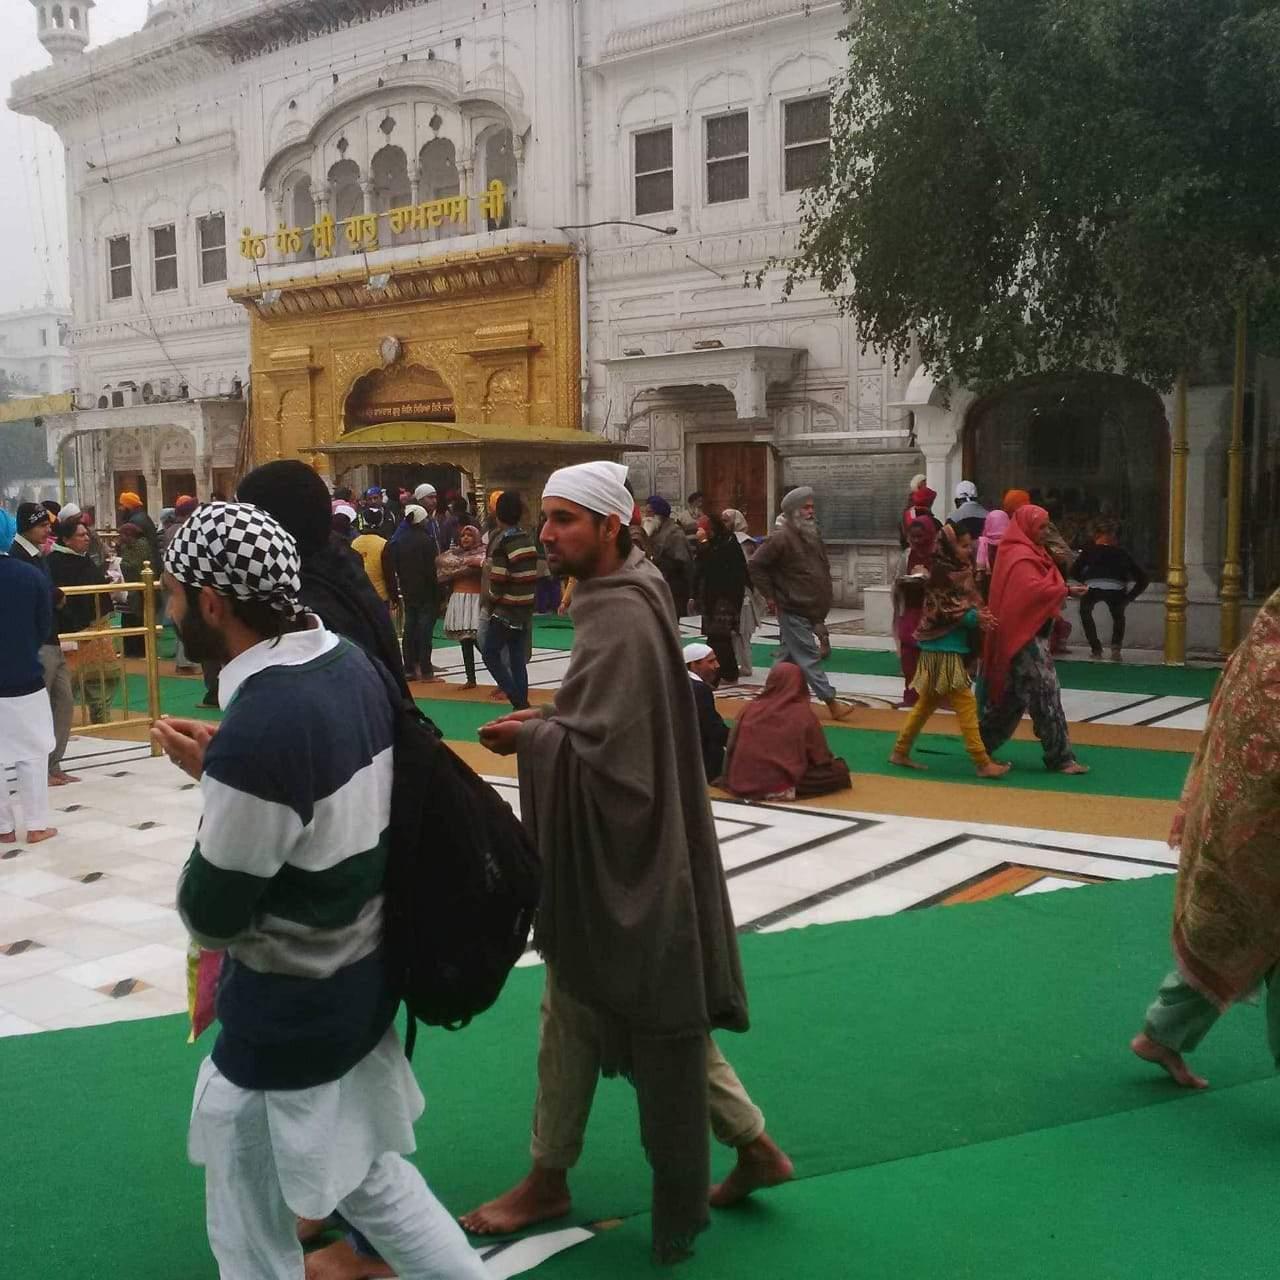 Amritsar%20Destination%20(3).jpg